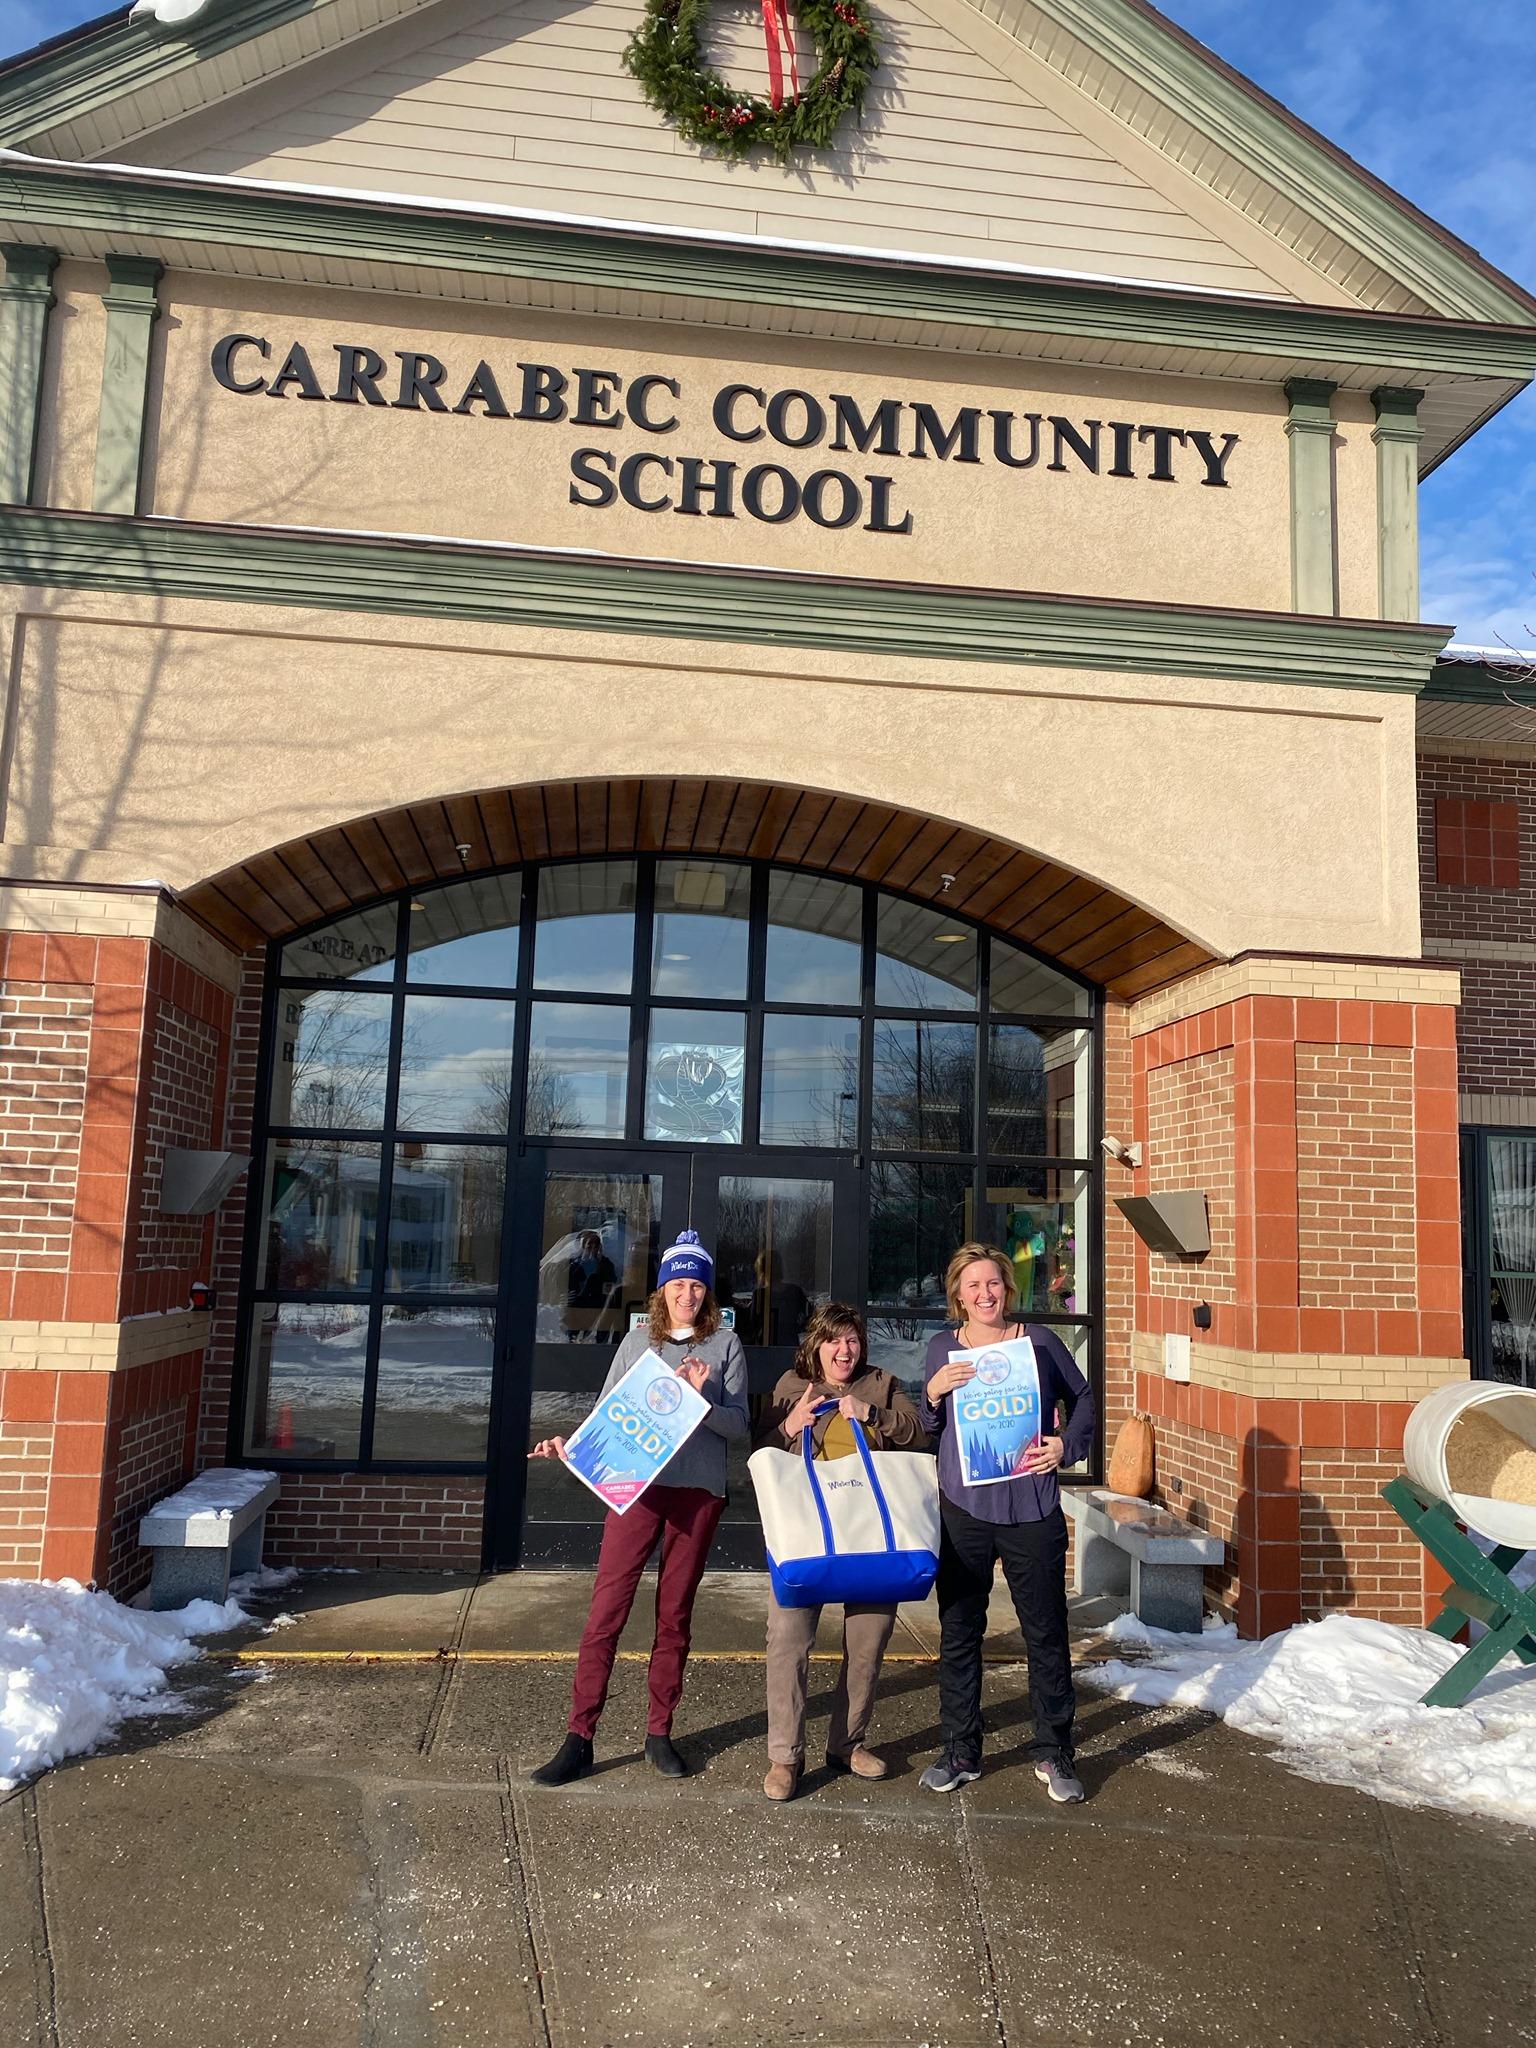 Carrabec Community School